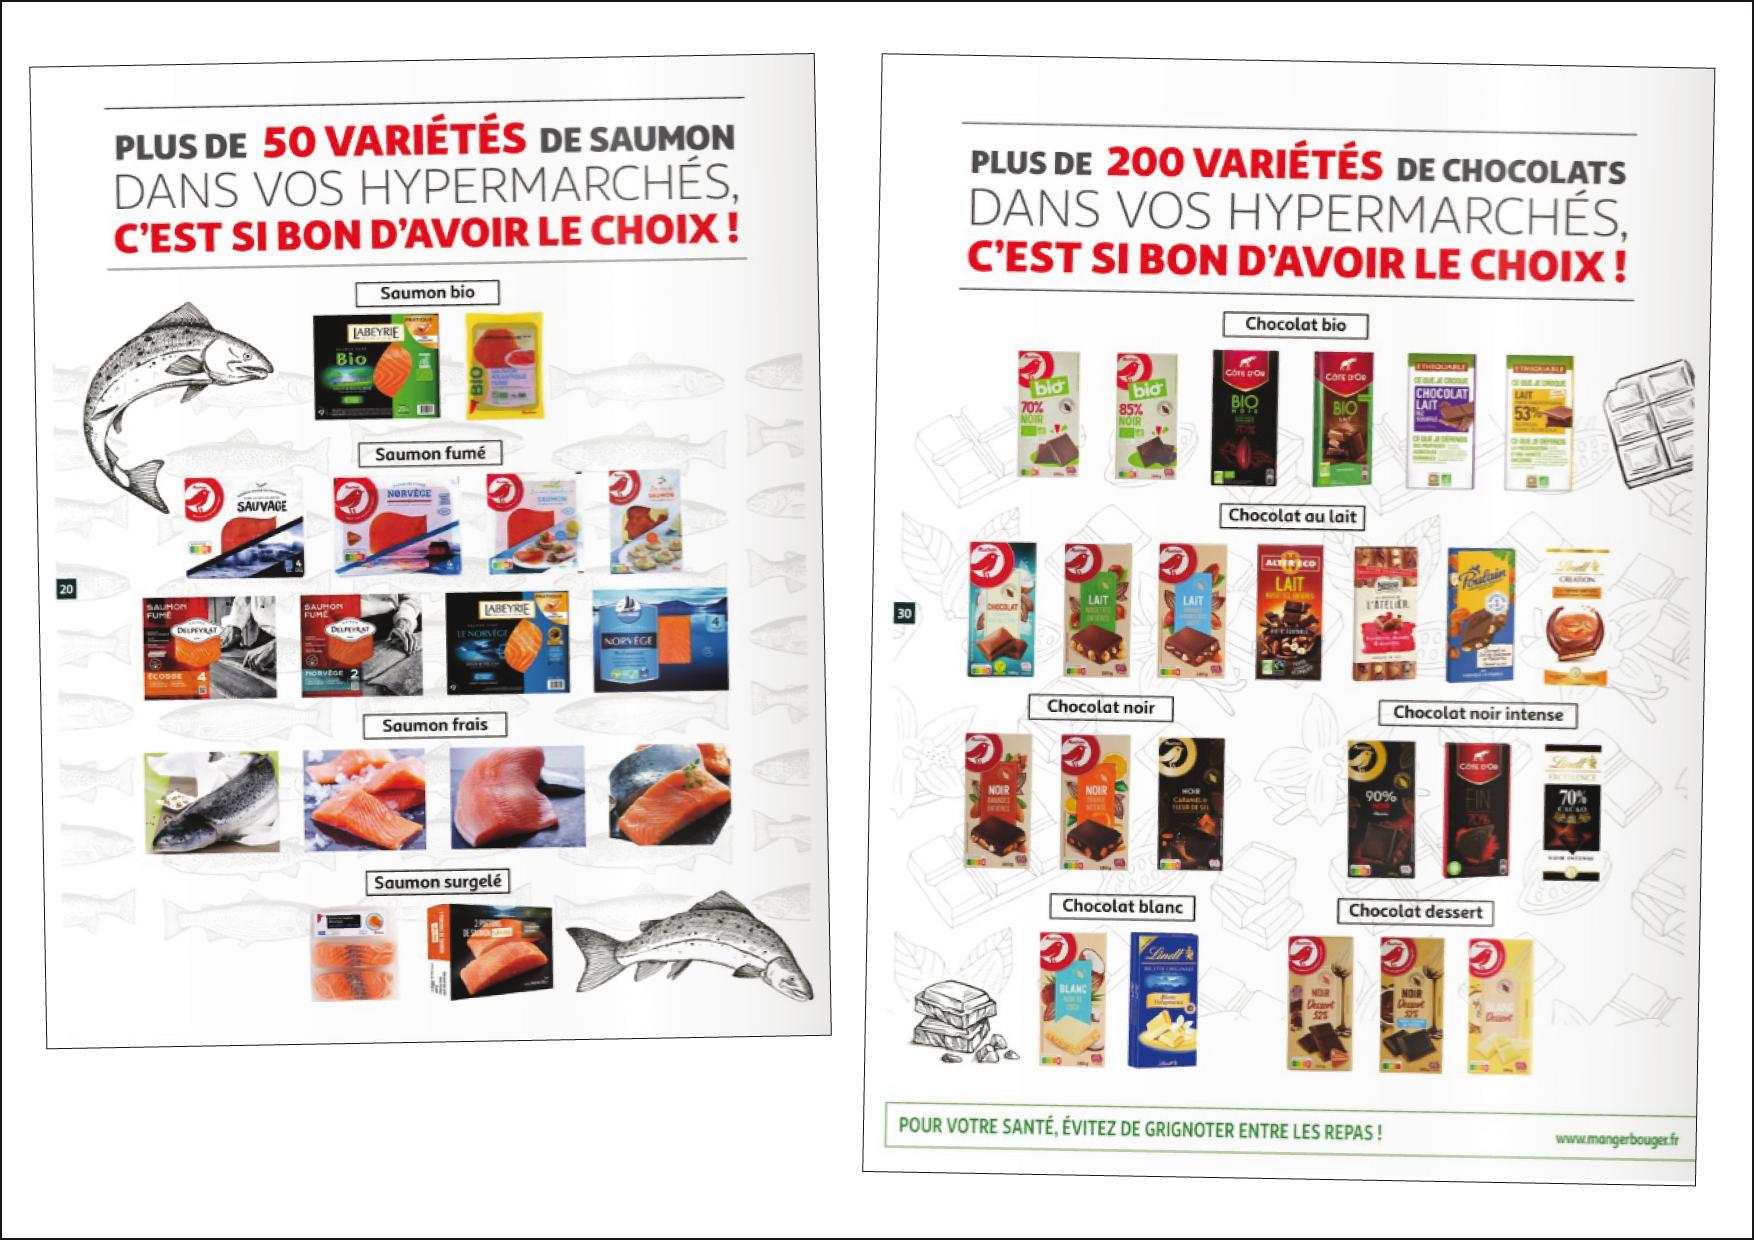 Auchan Choix